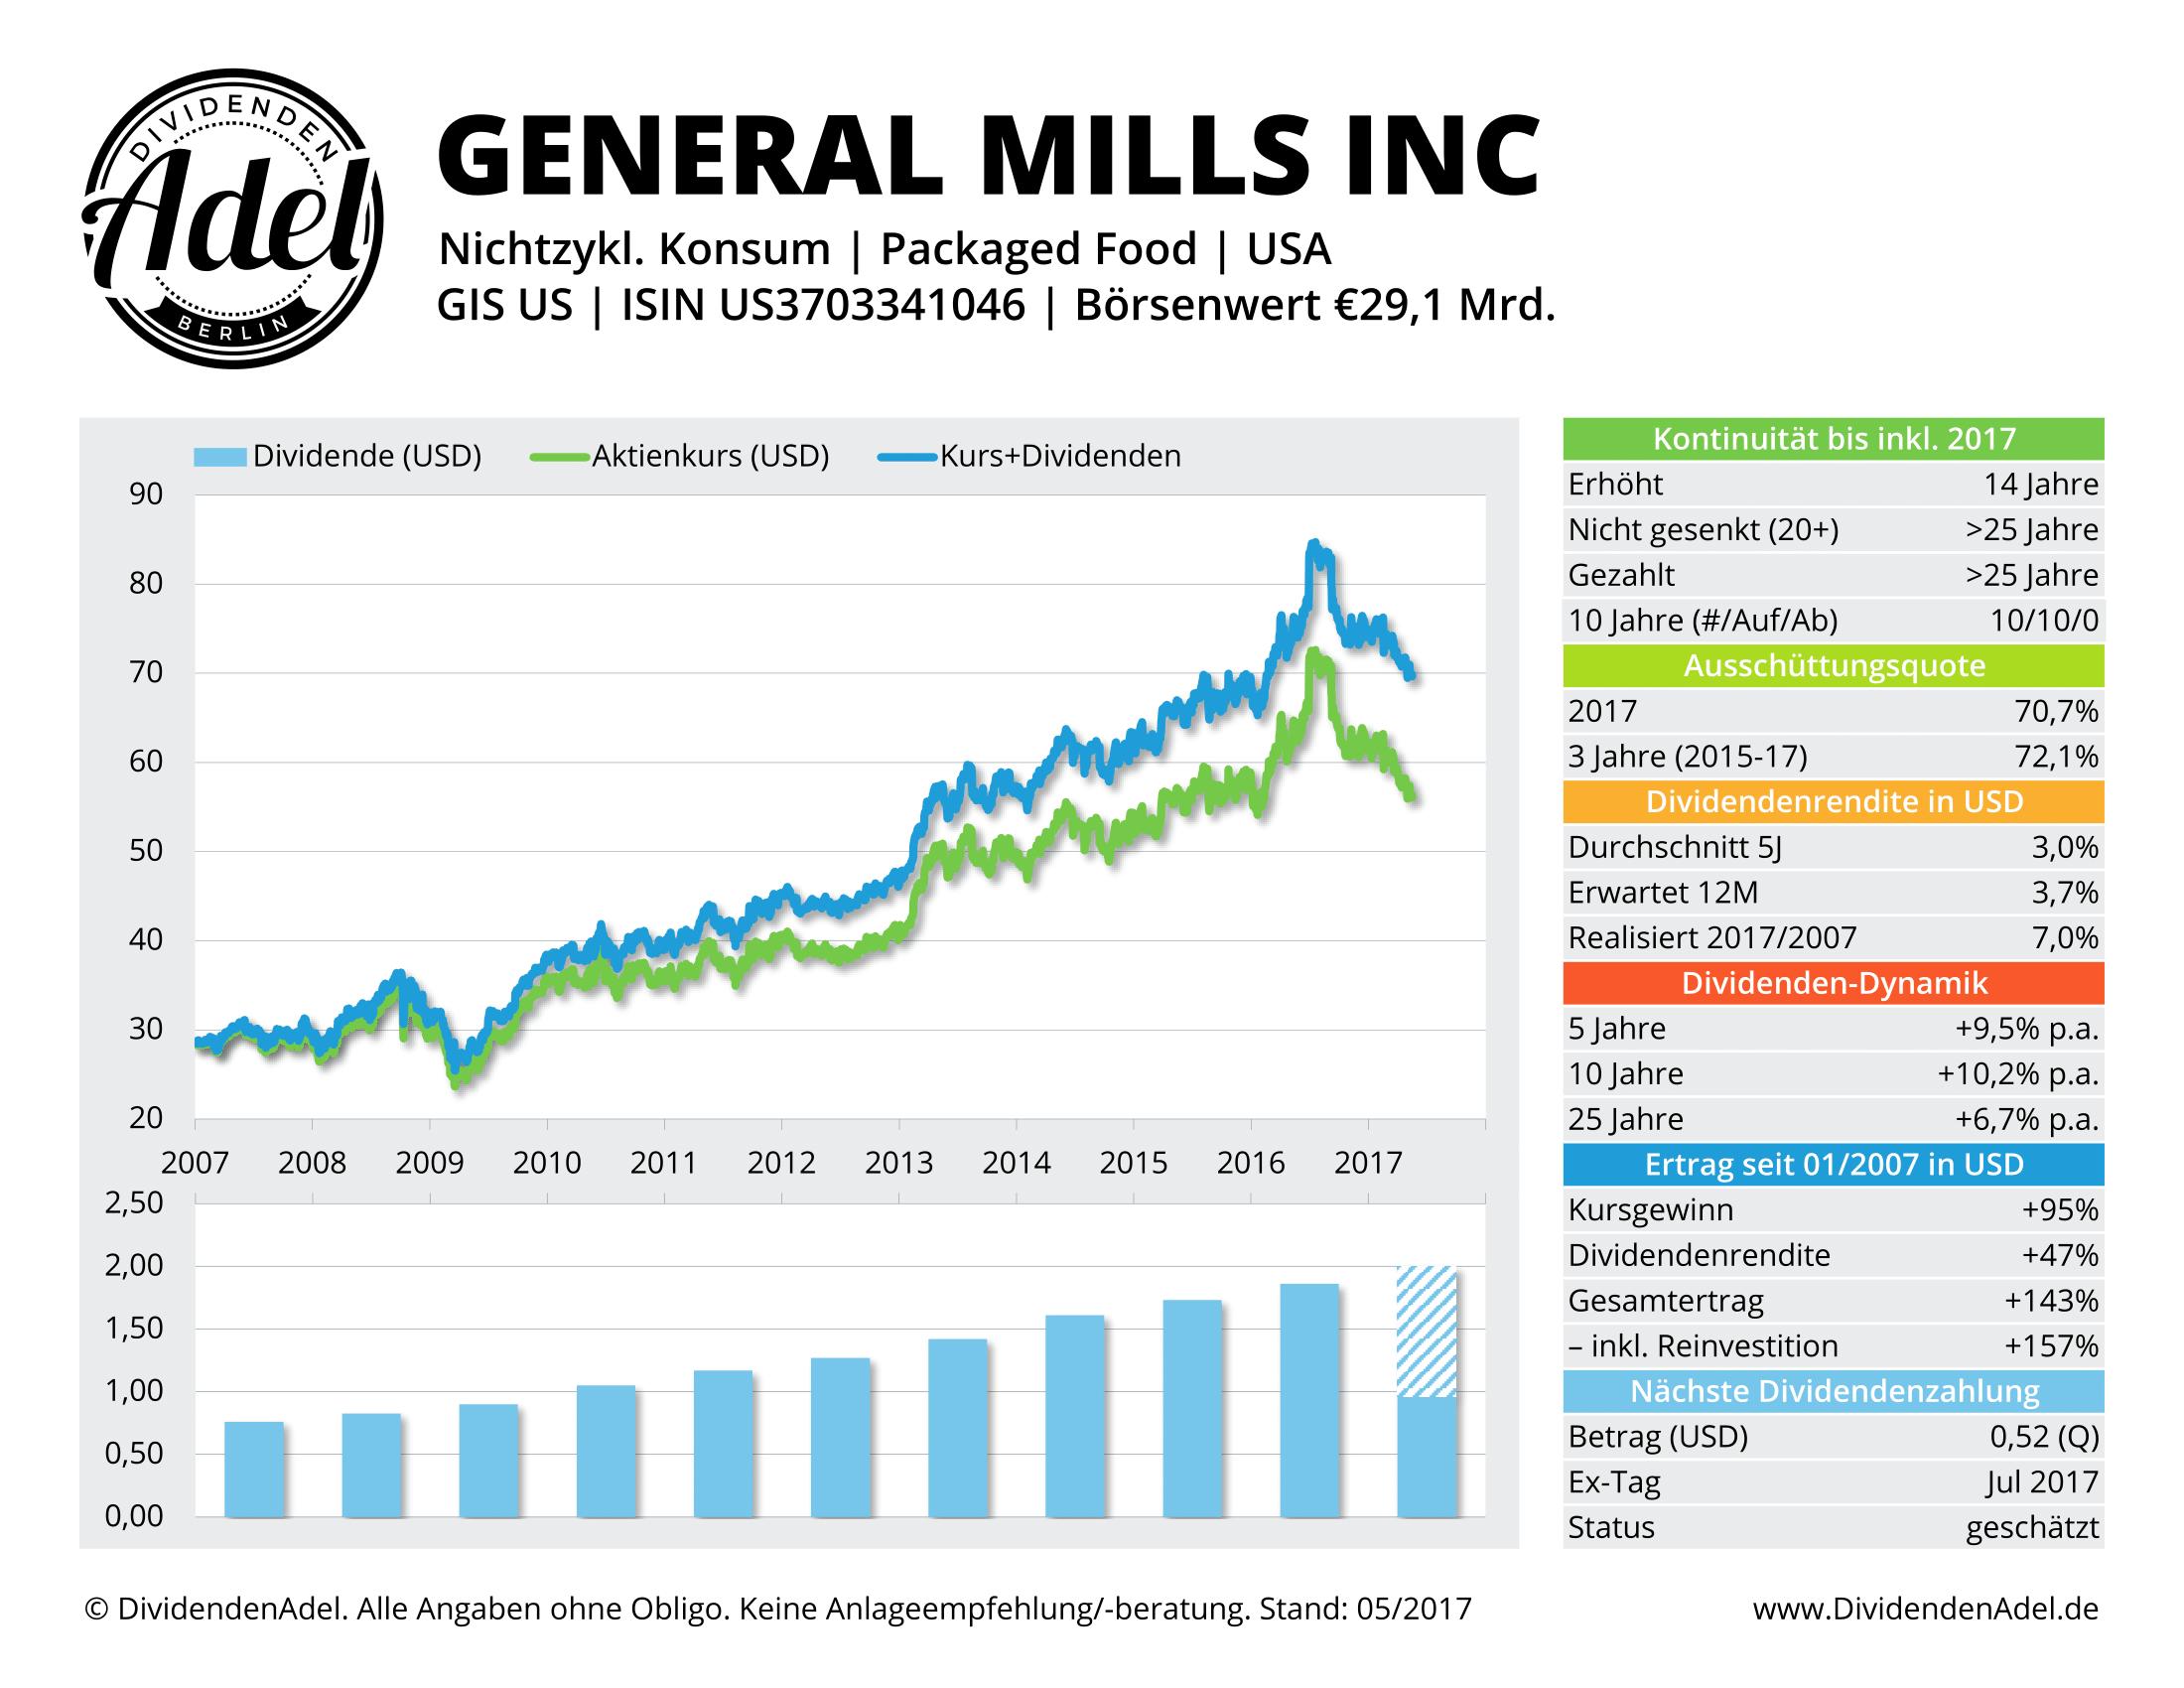 2017-05-17 GENERAL MILLS IN DividendenAdel-Profil ab 2007-1